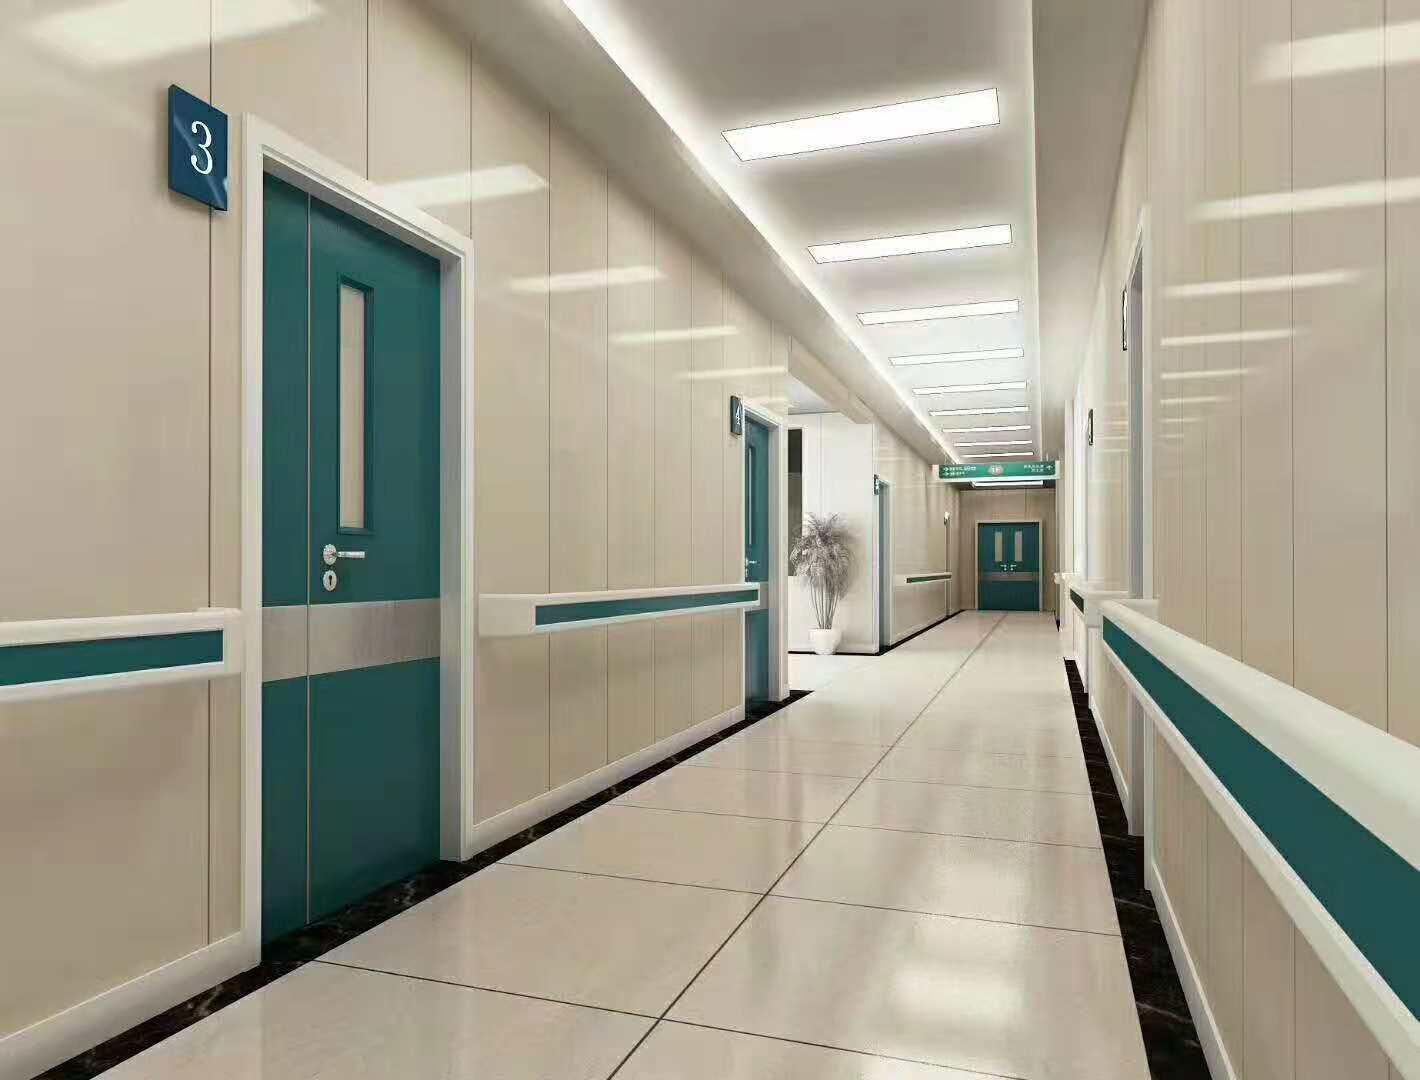 安装在医院的门是不是就可以称为医用门?